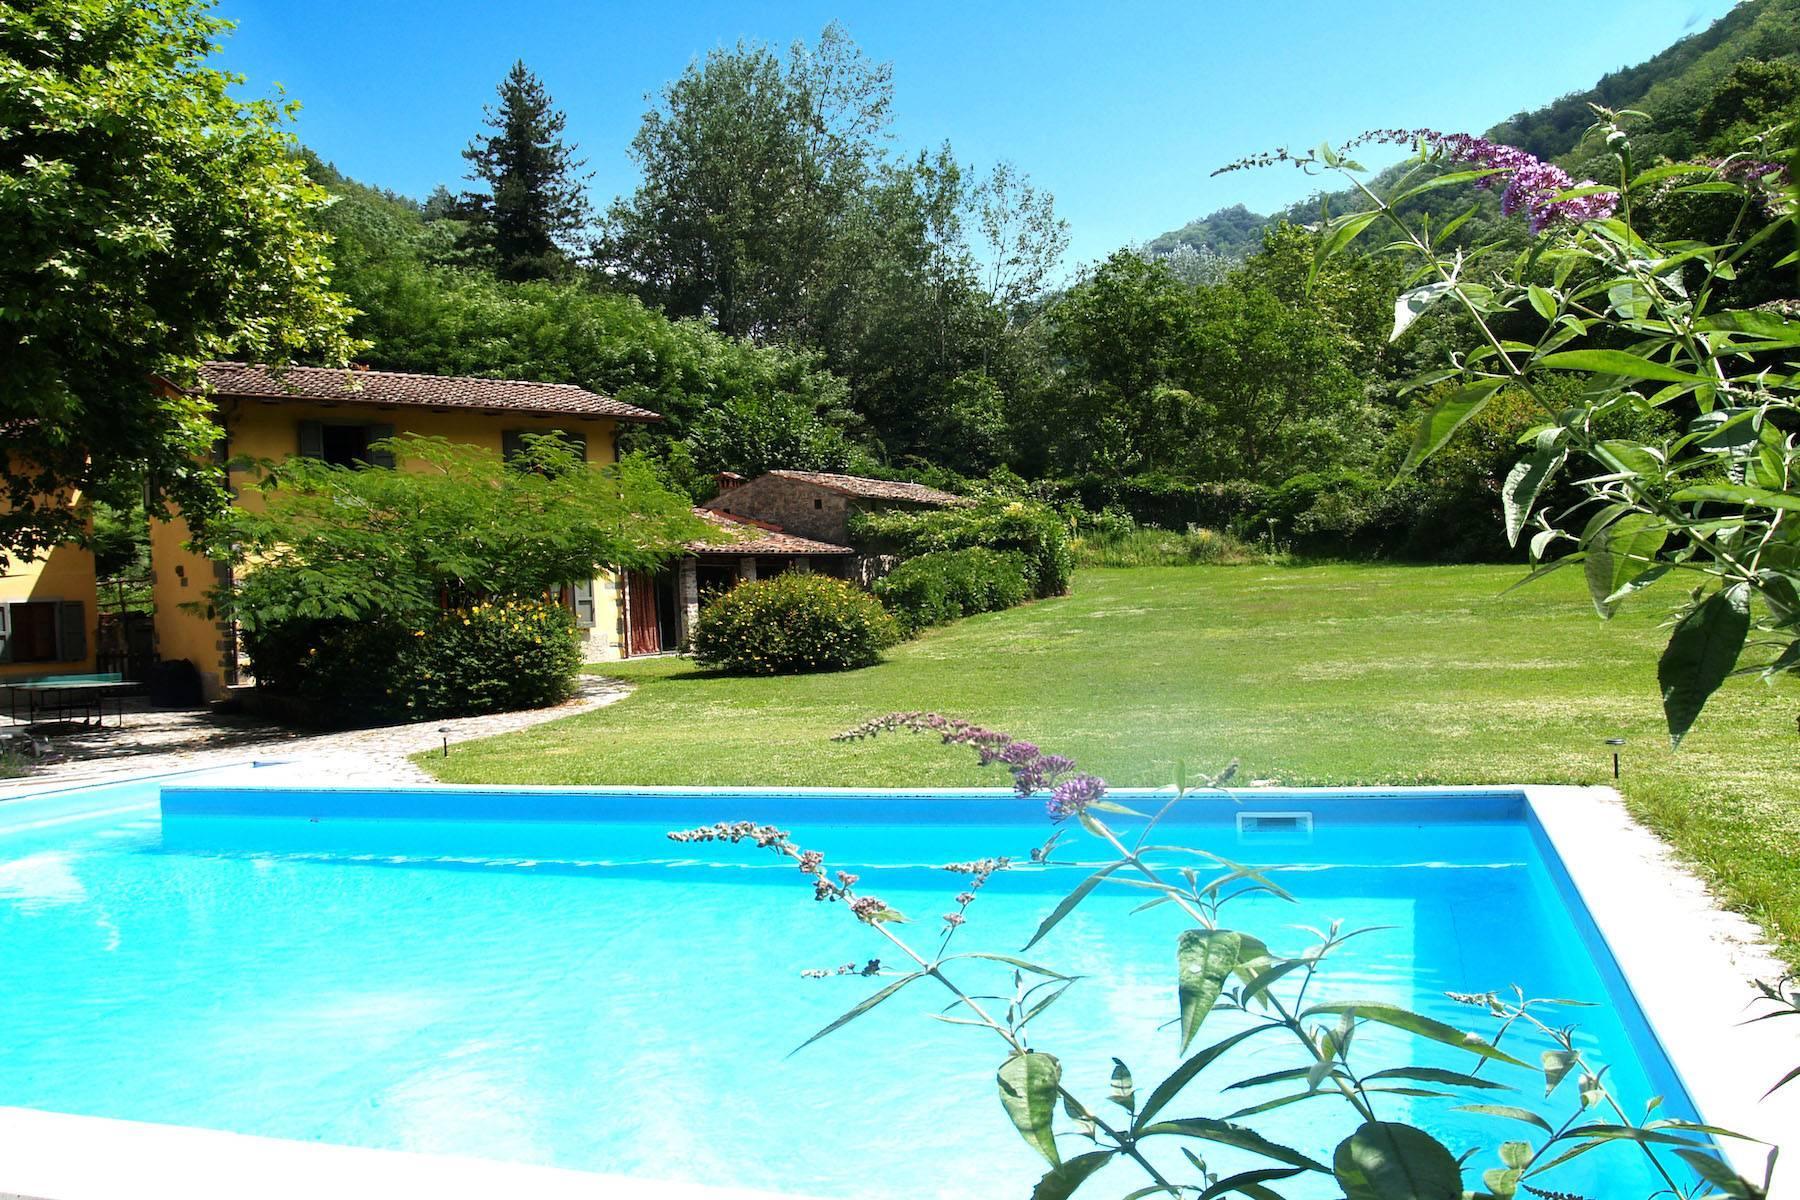 Maison de campagne enchantée sur les collines autour de Lucca - 1